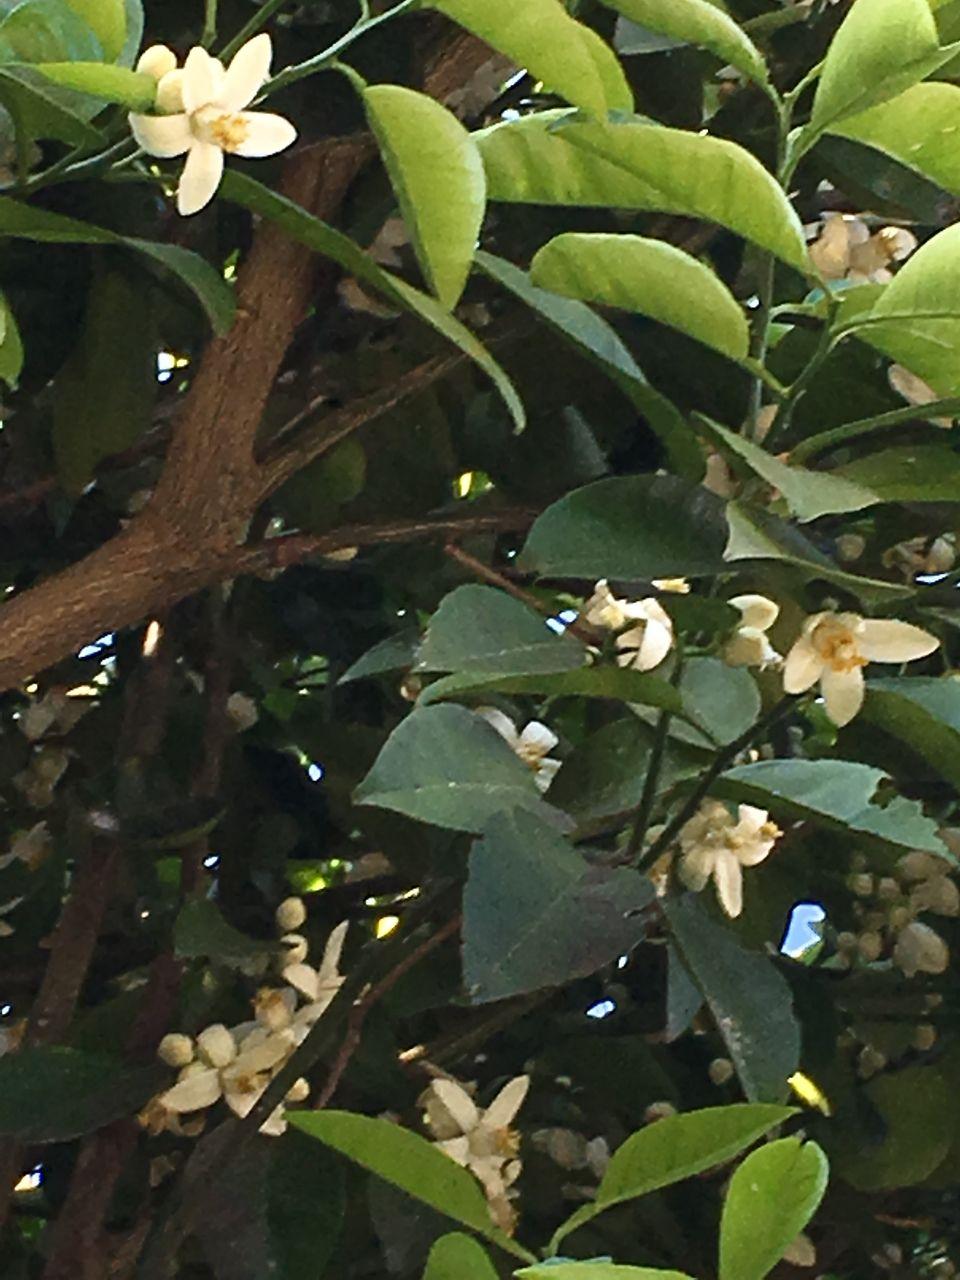 事務所の庭の蜜柑の木に白い花が咲きだしました。